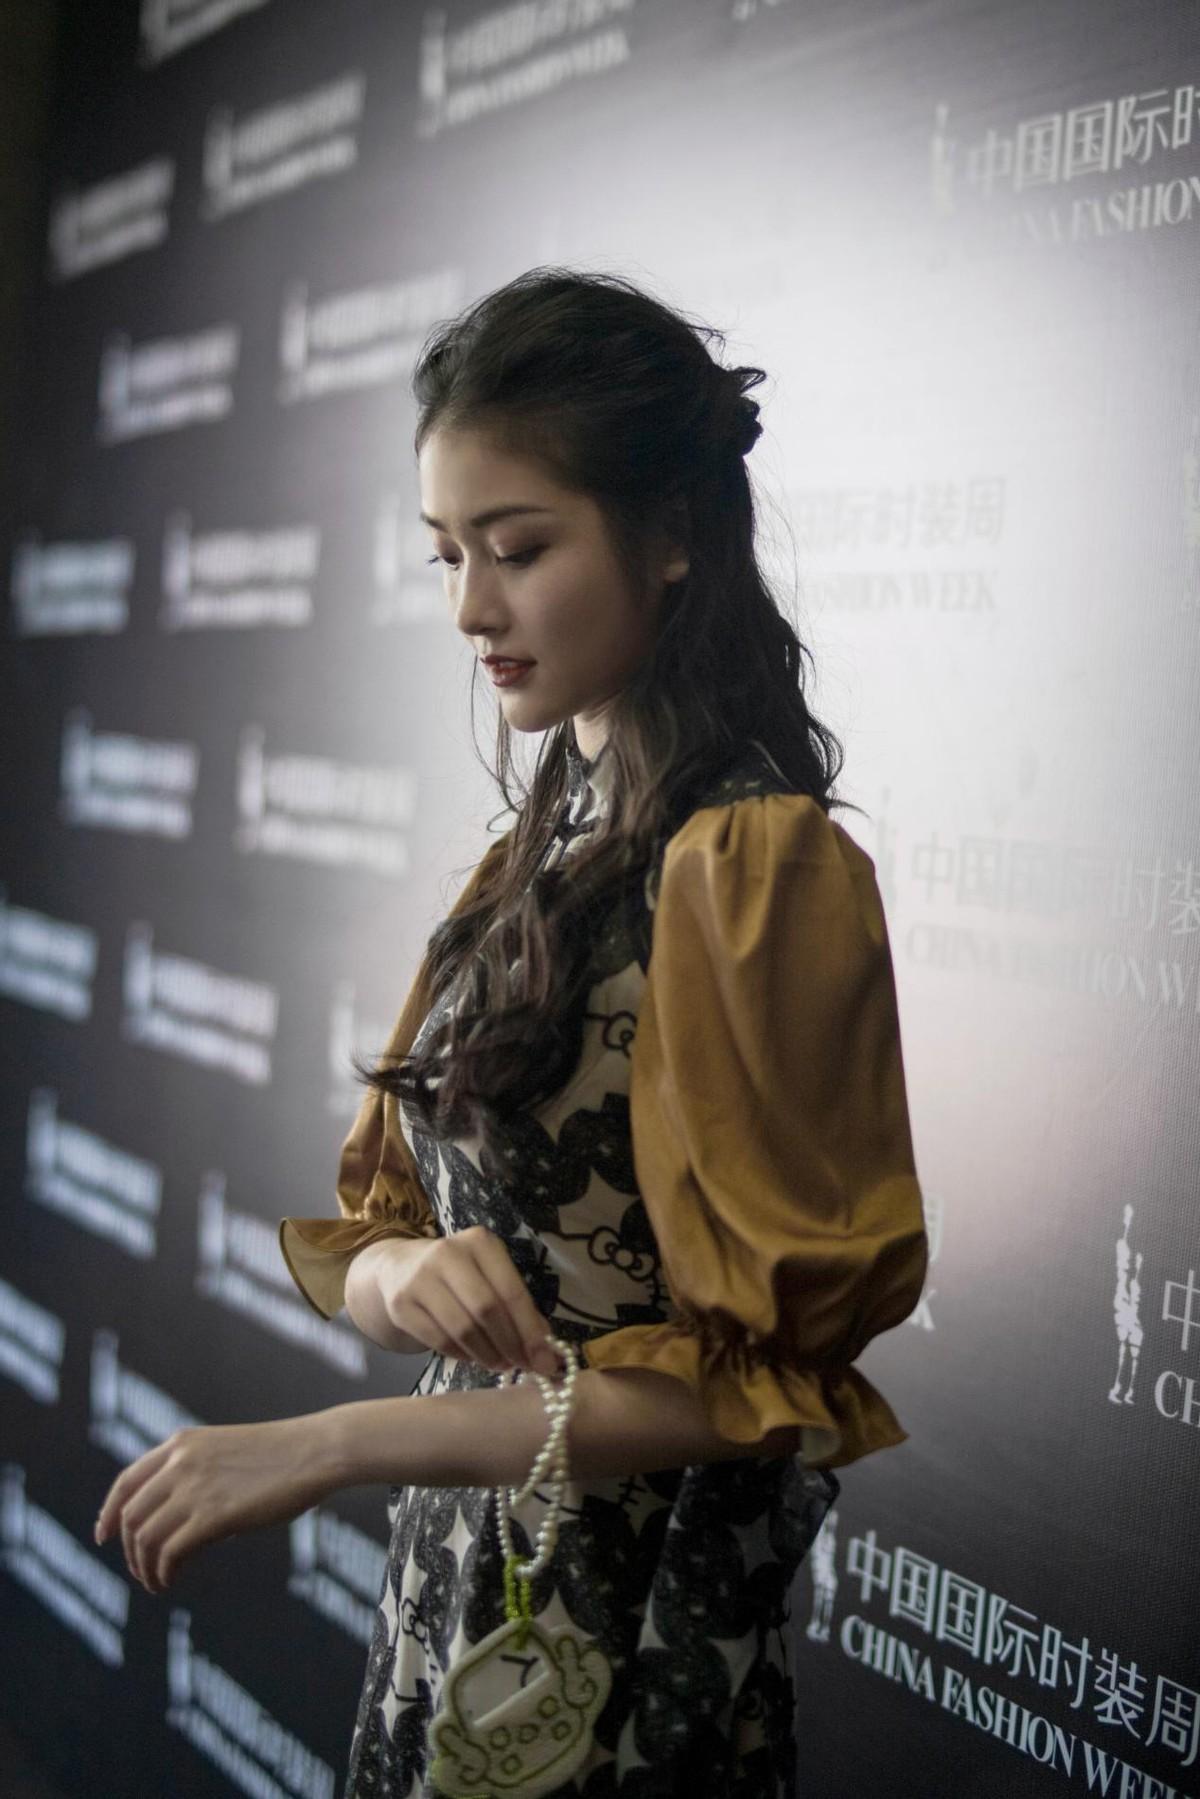 演员肖露亮相中国国际时装周 出席XUNRUO熏若2022春夏新品发布会